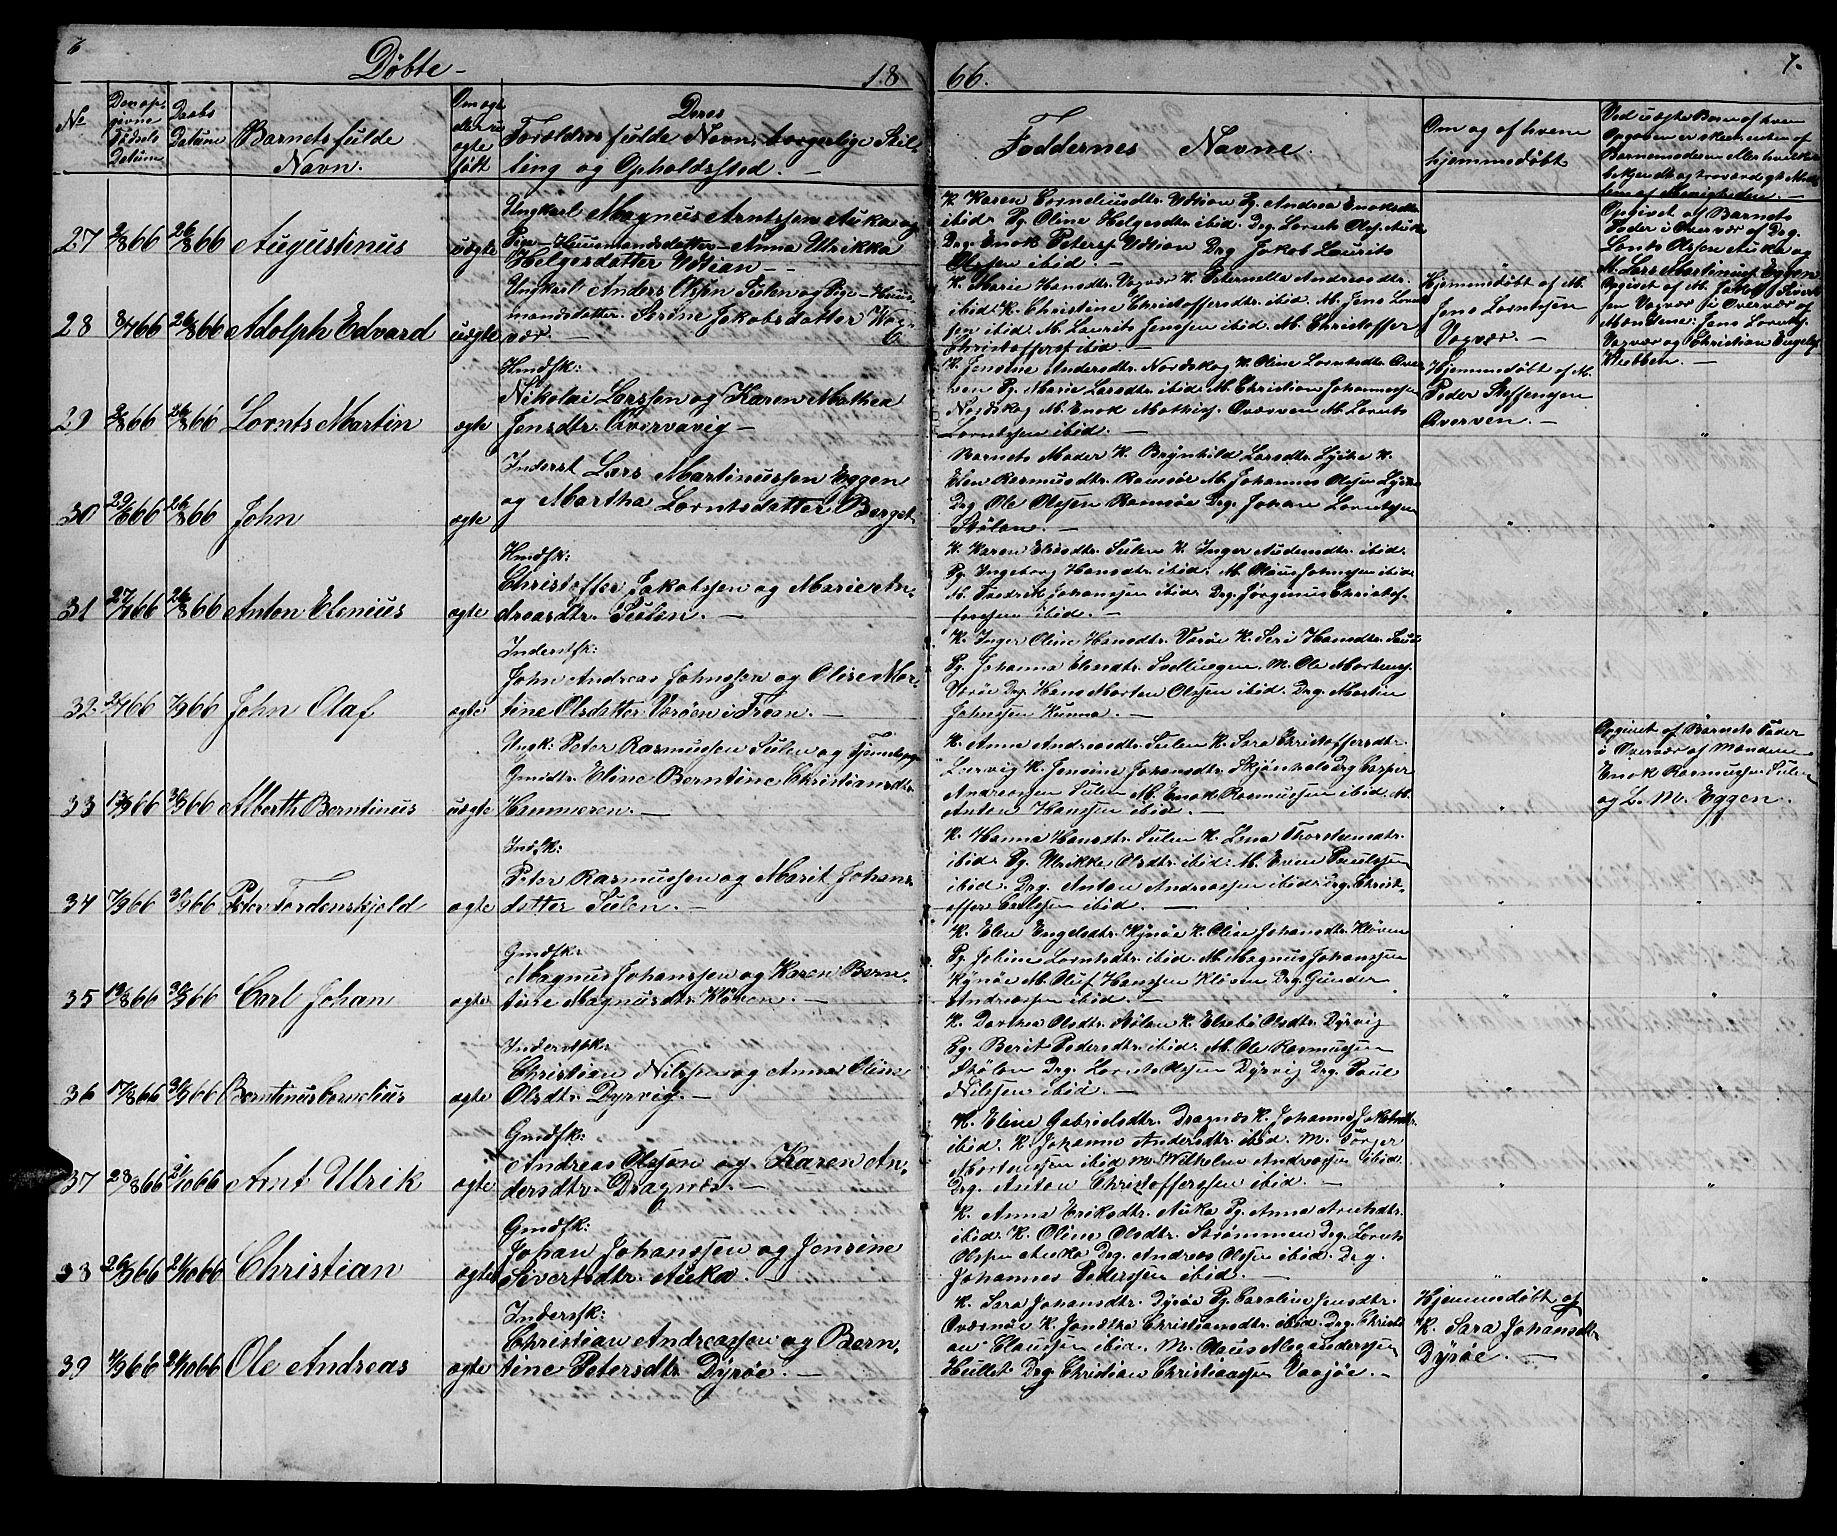 SAT, Ministerialprotokoller, klokkerbøker og fødselsregistre - Sør-Trøndelag, 640/L0583: Klokkerbok nr. 640C01, 1866-1877, s. 6-7